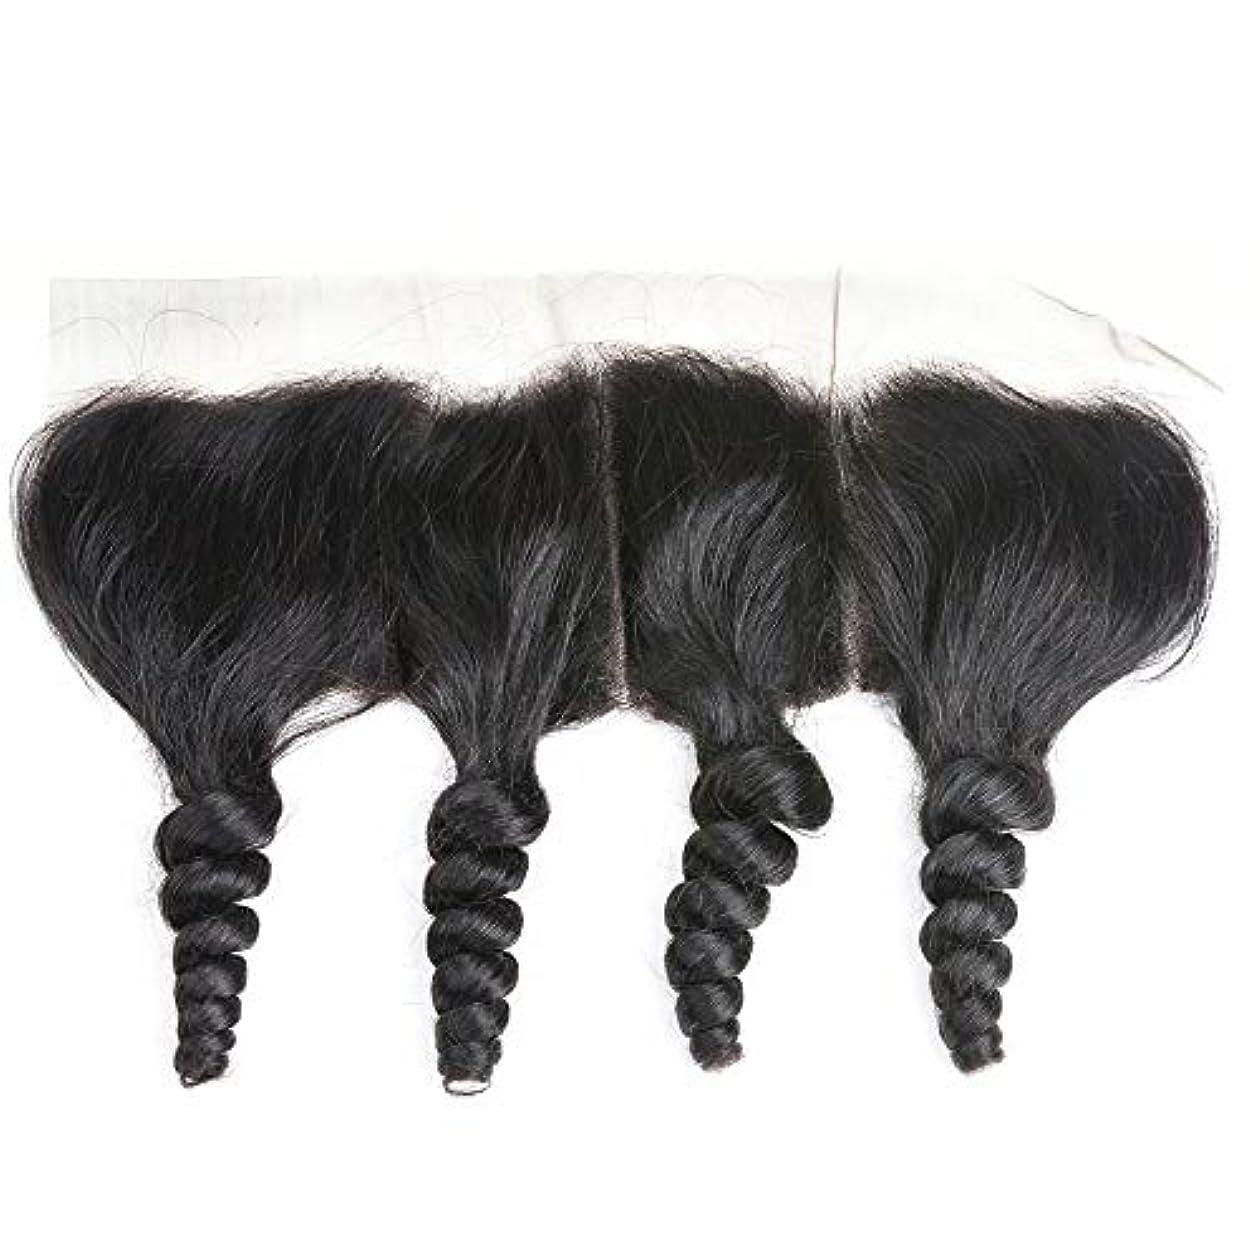 申請中失業者サポートWASAIO レース閉鎖緩い波ブラジルバージン人間の髪の毛の自然な色 (サイズ : 16 inch)